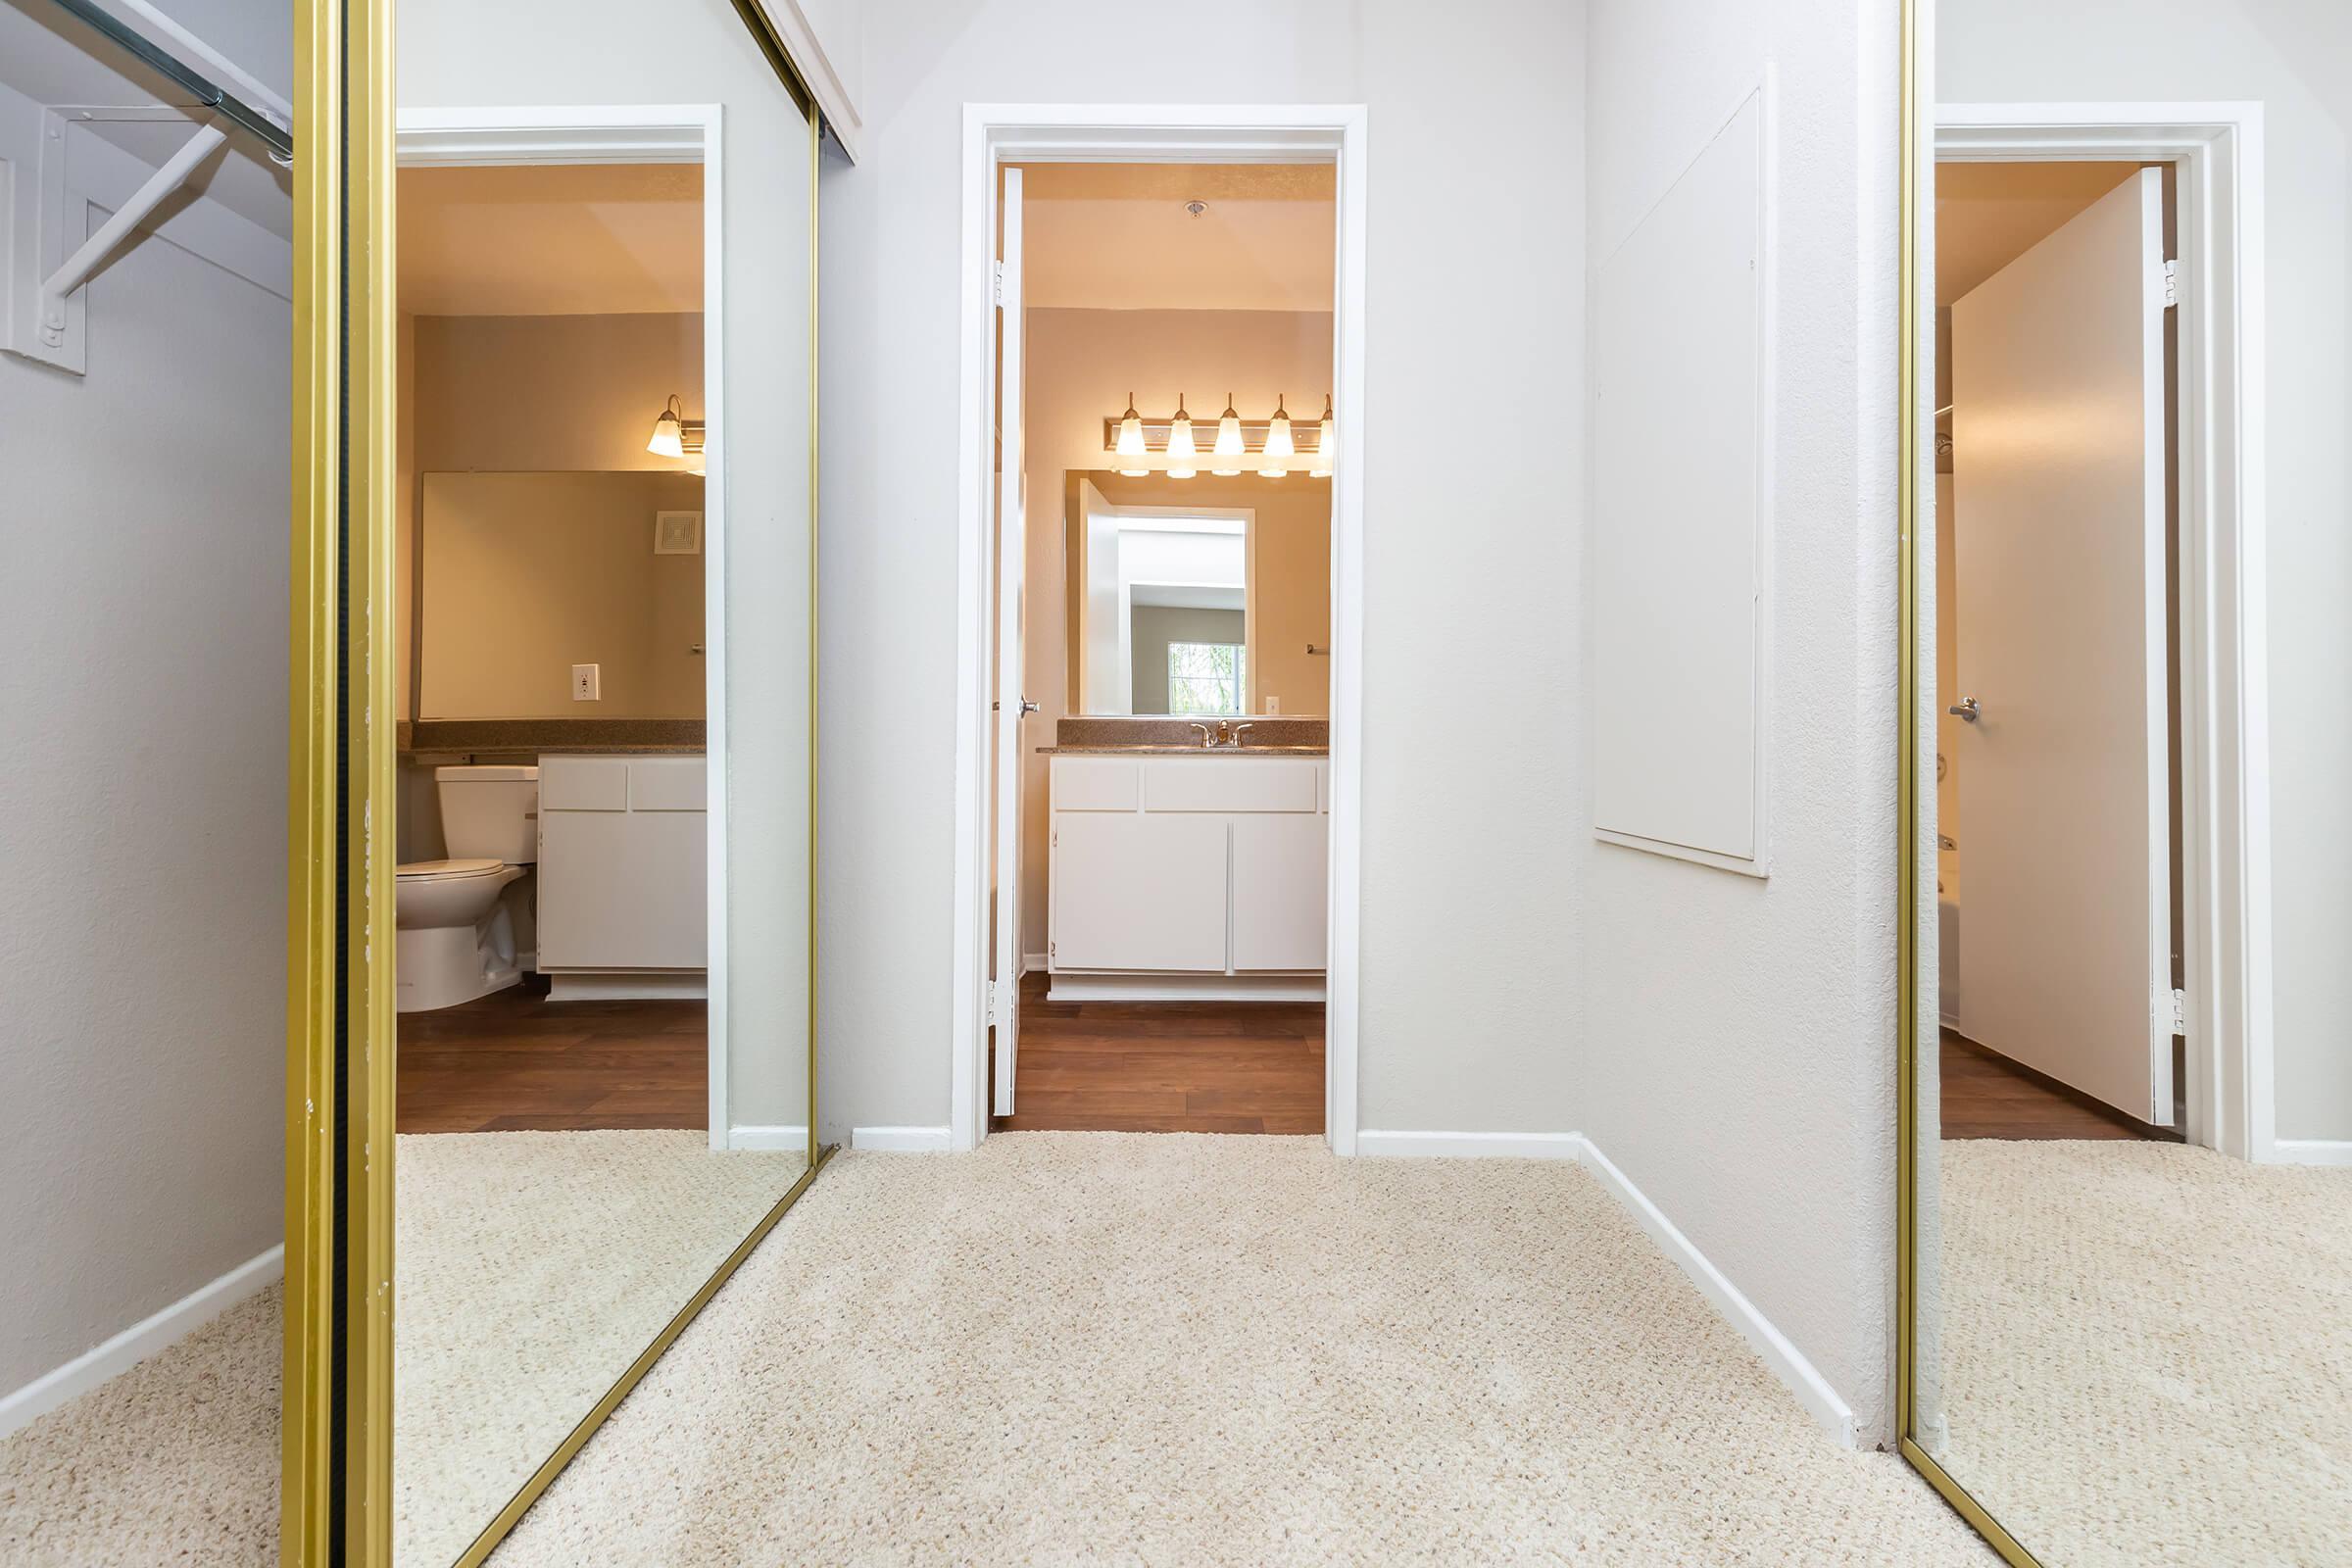 Two sets of sliding mirror glass closets doors with open bathroom door